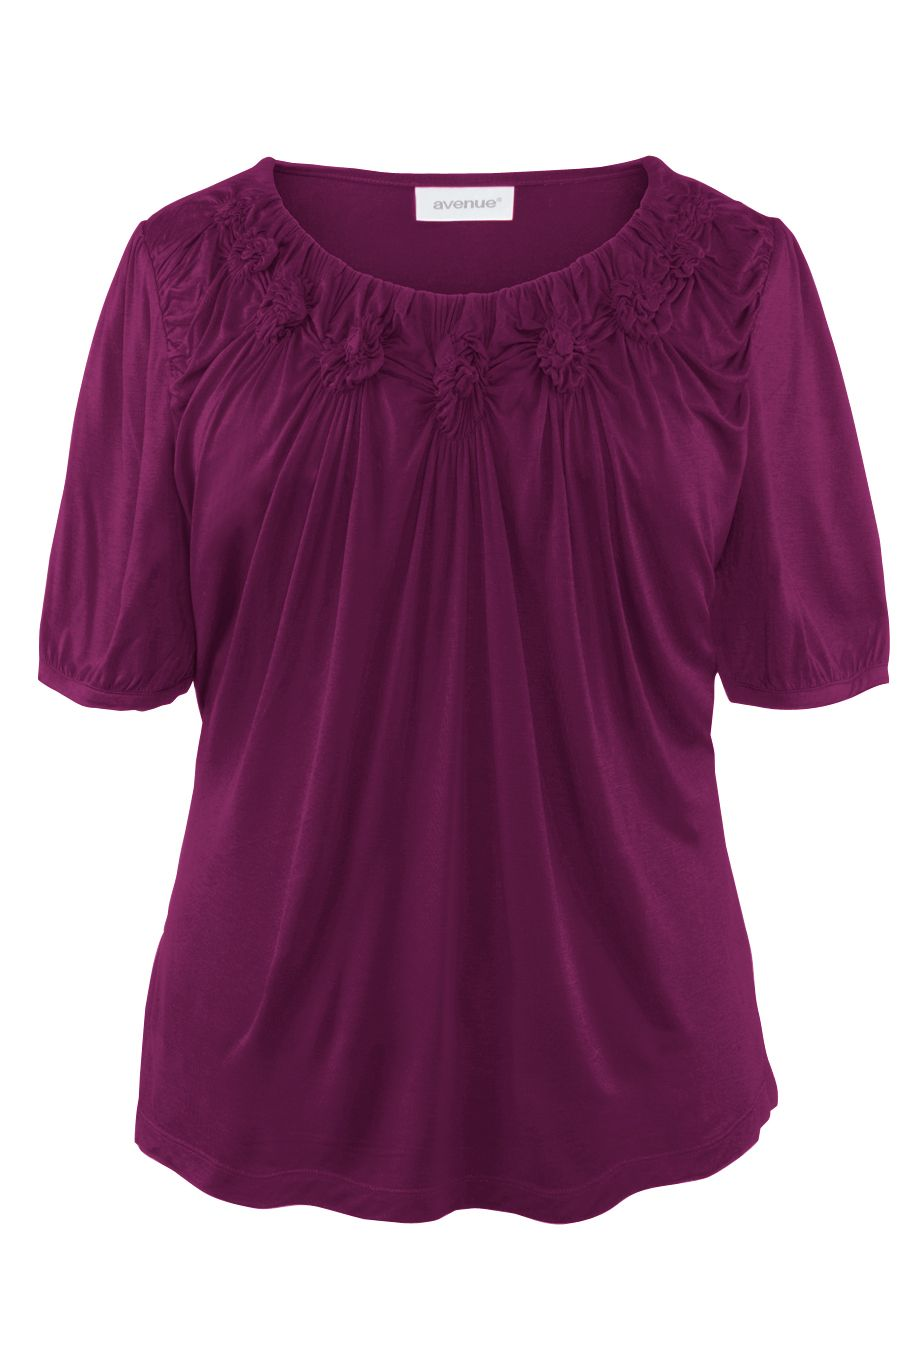 Plus Size Rosette Top   Plus Size Knit Tops & Tees   Avenue